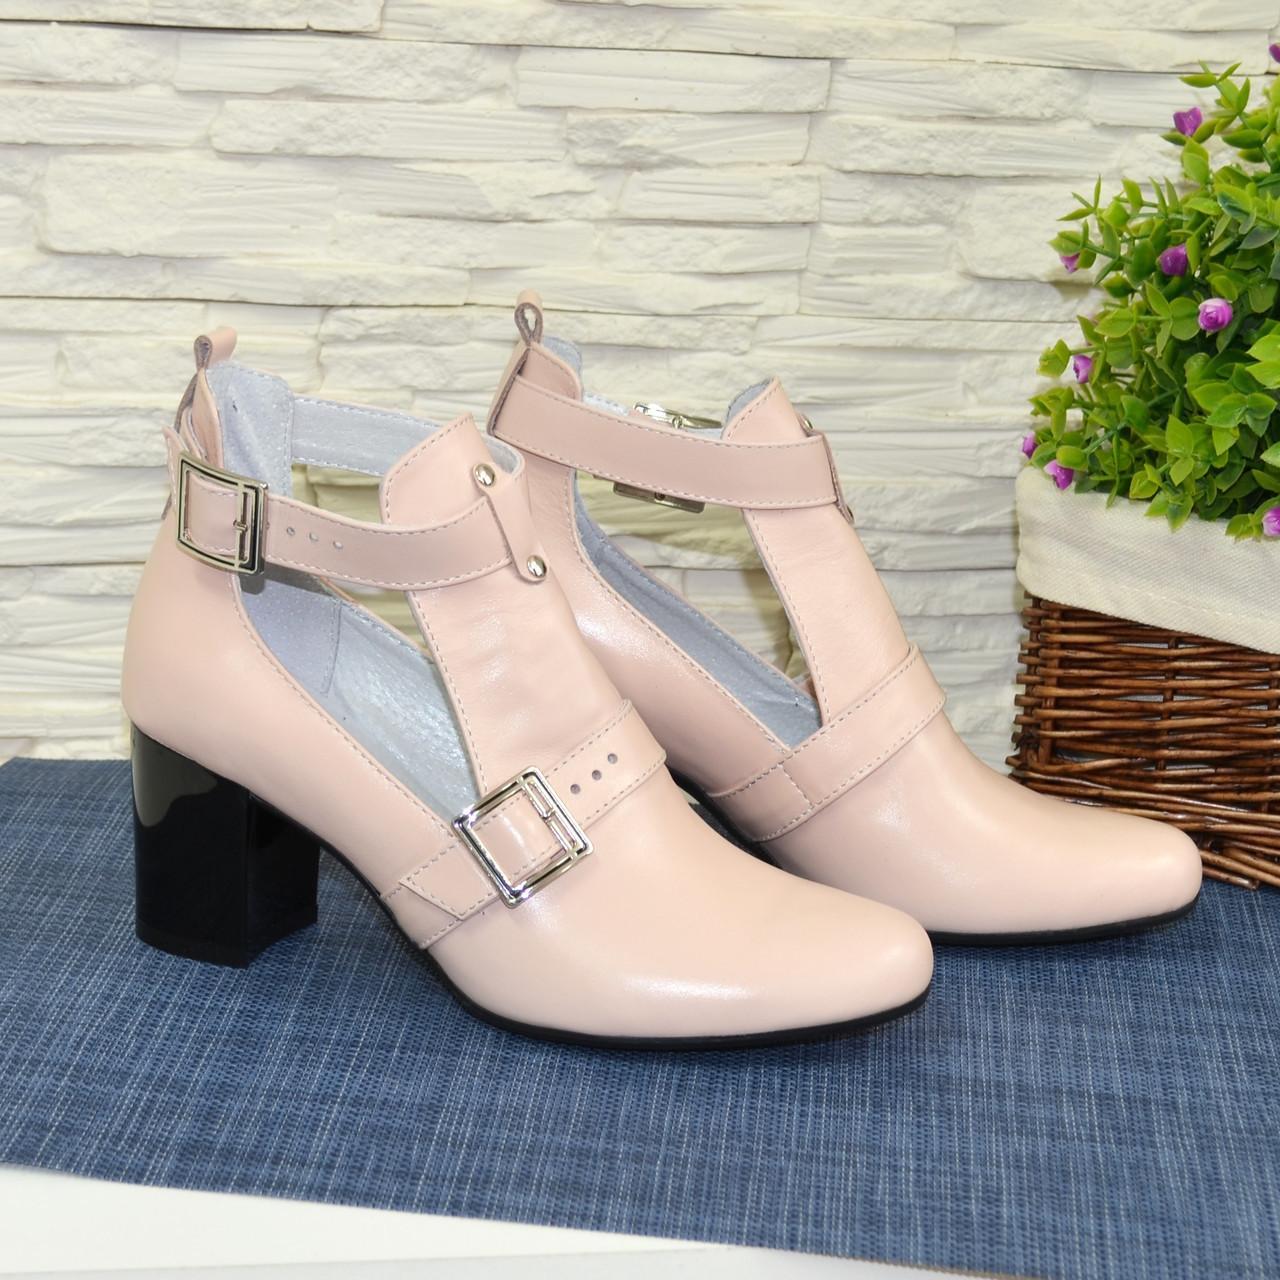 Открытые ботильоны кожаные женские на невысоком каблуке, цвет пудра